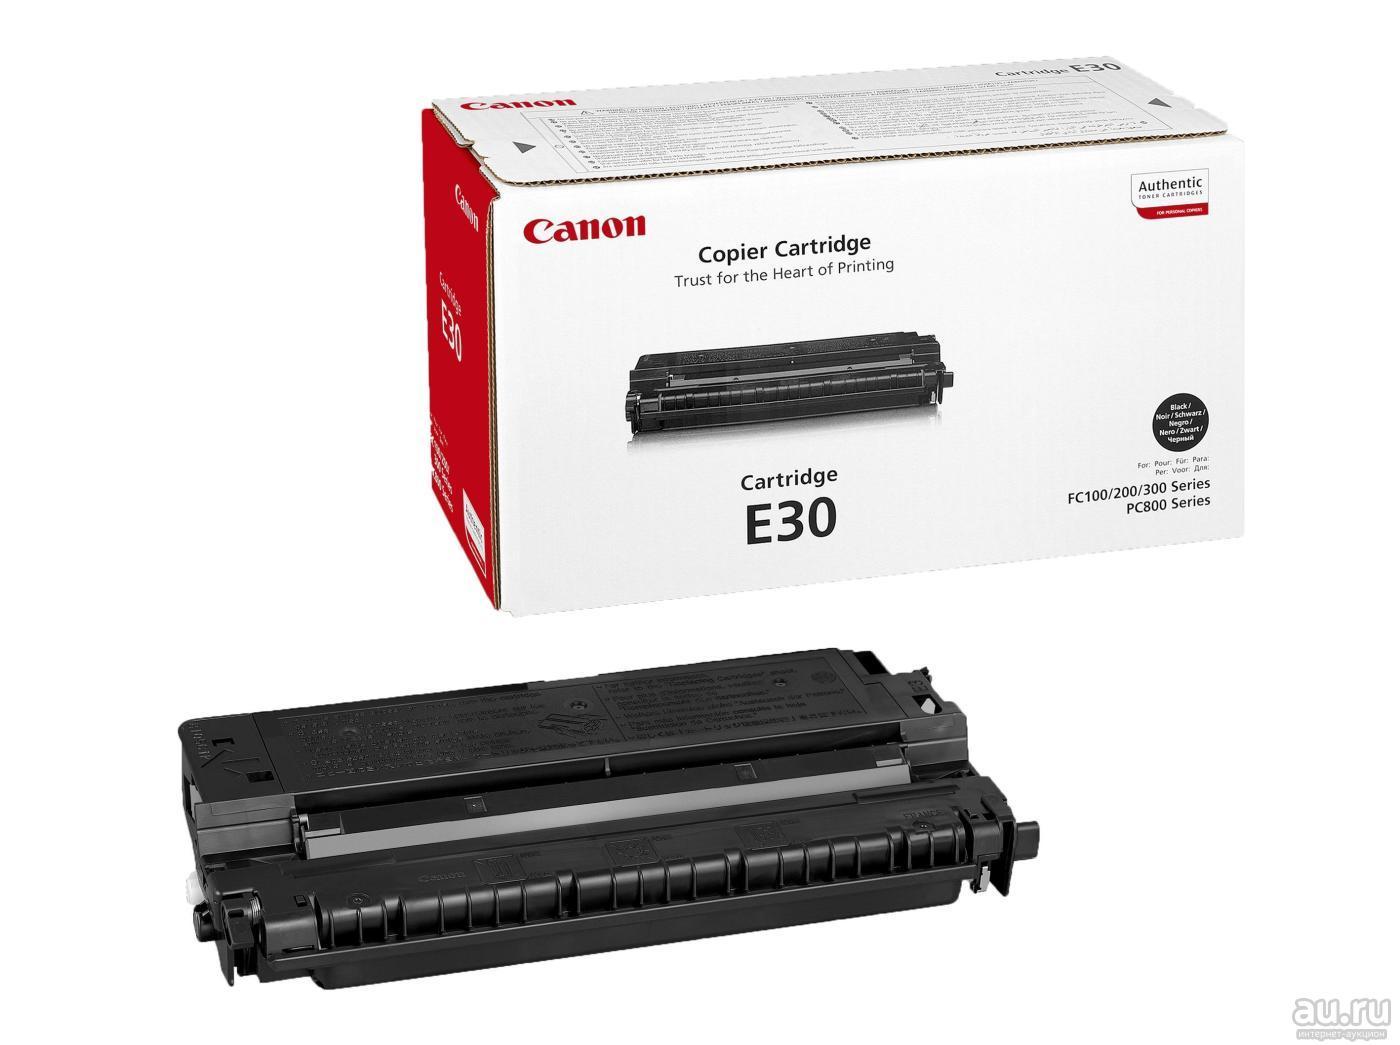 Canon e30/e31 Image